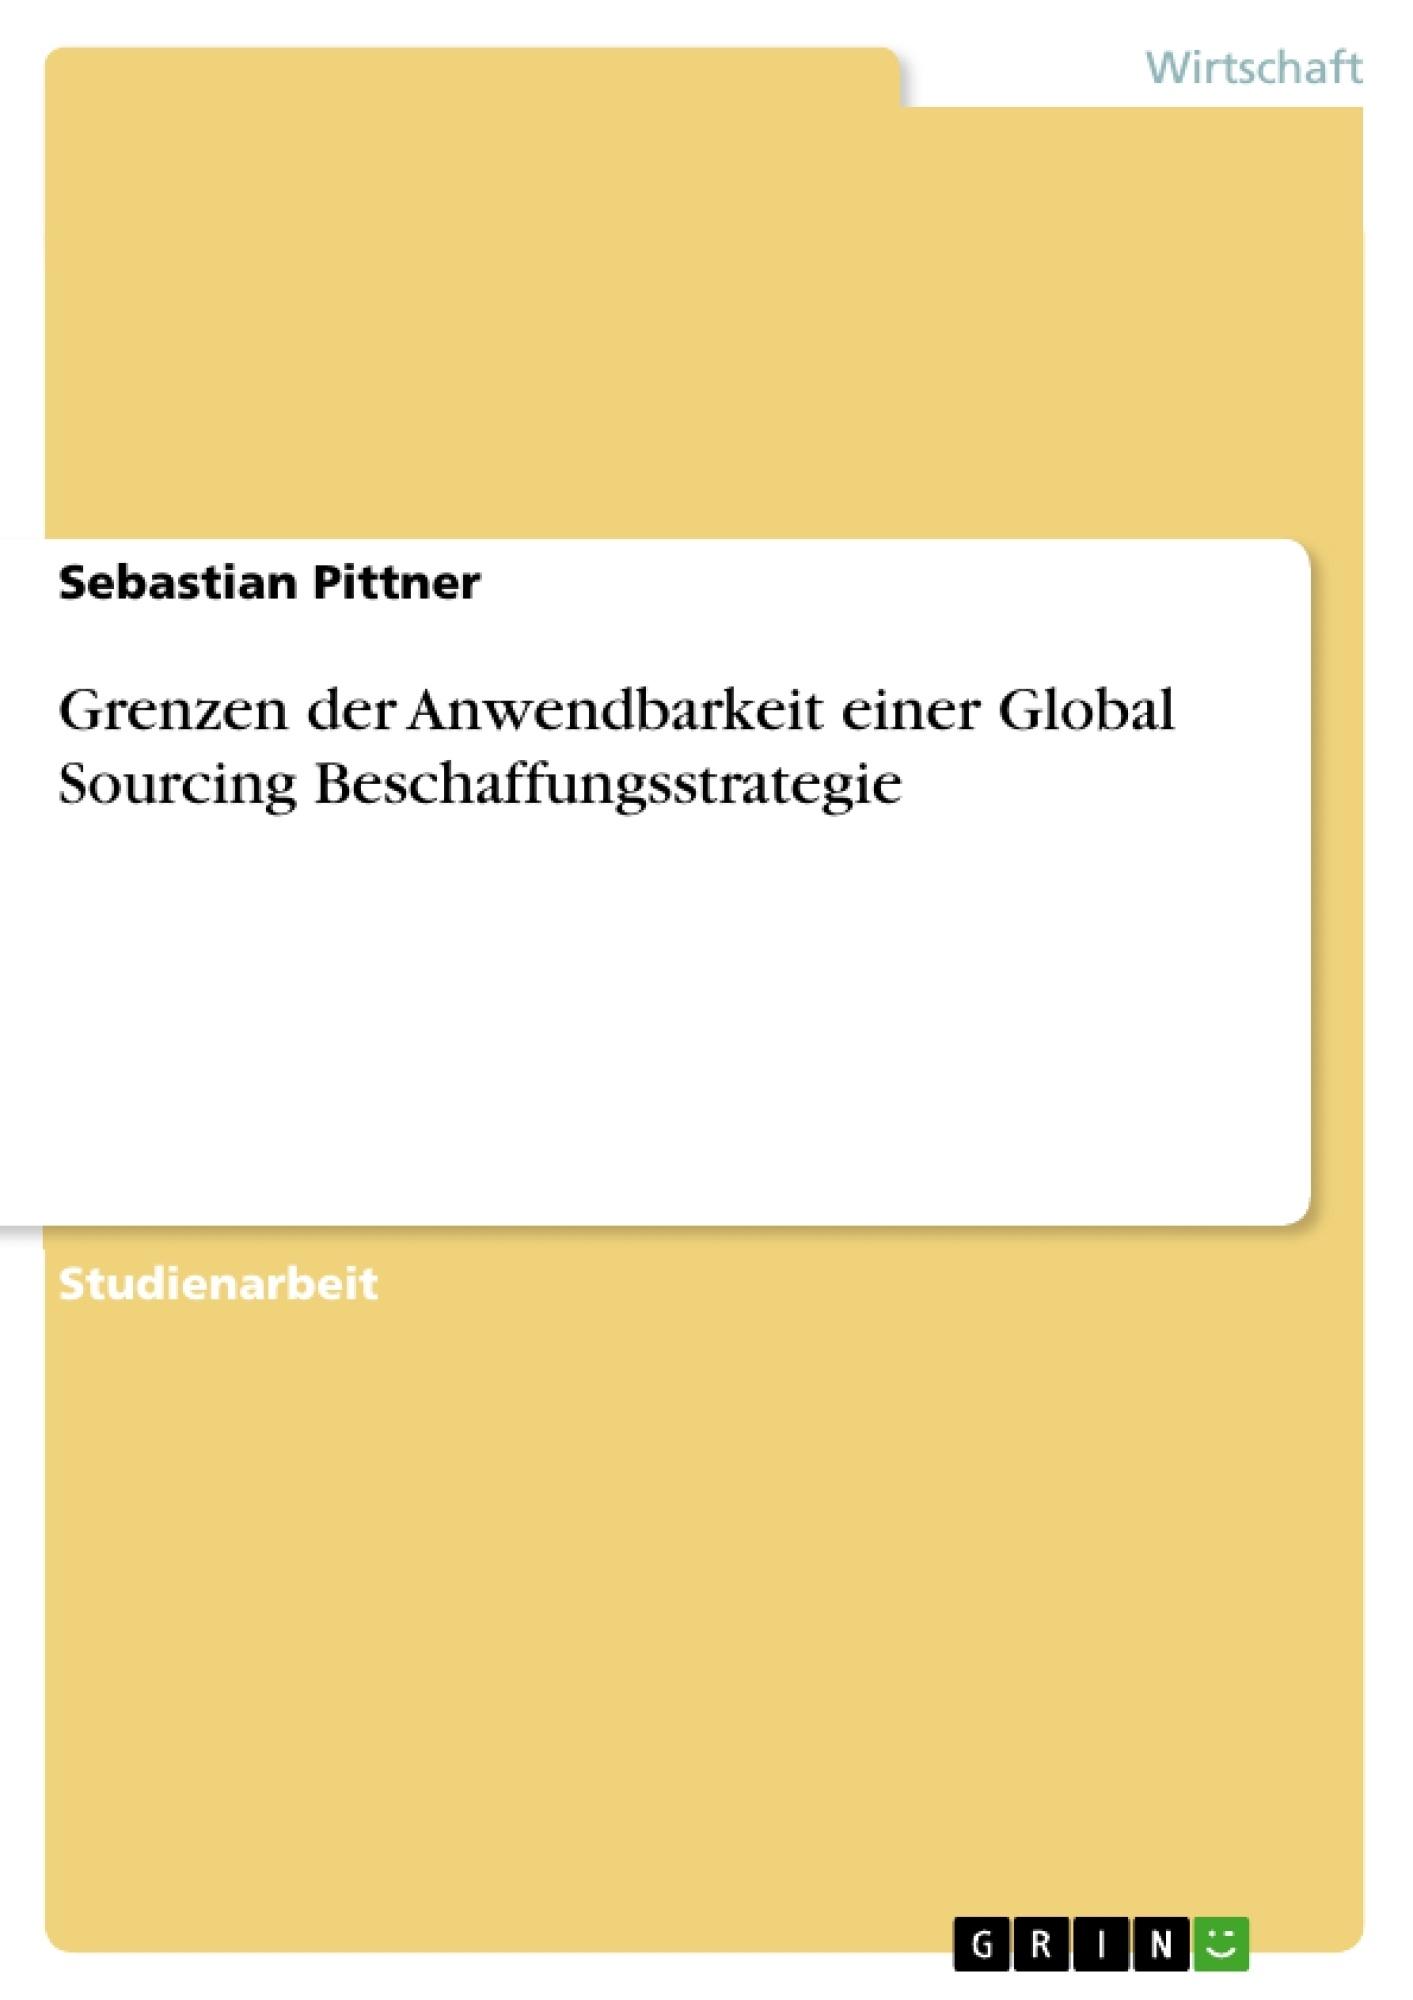 Titel: Grenzen der Anwendbarkeit einer Global Sourcing Beschaffungsstrategie